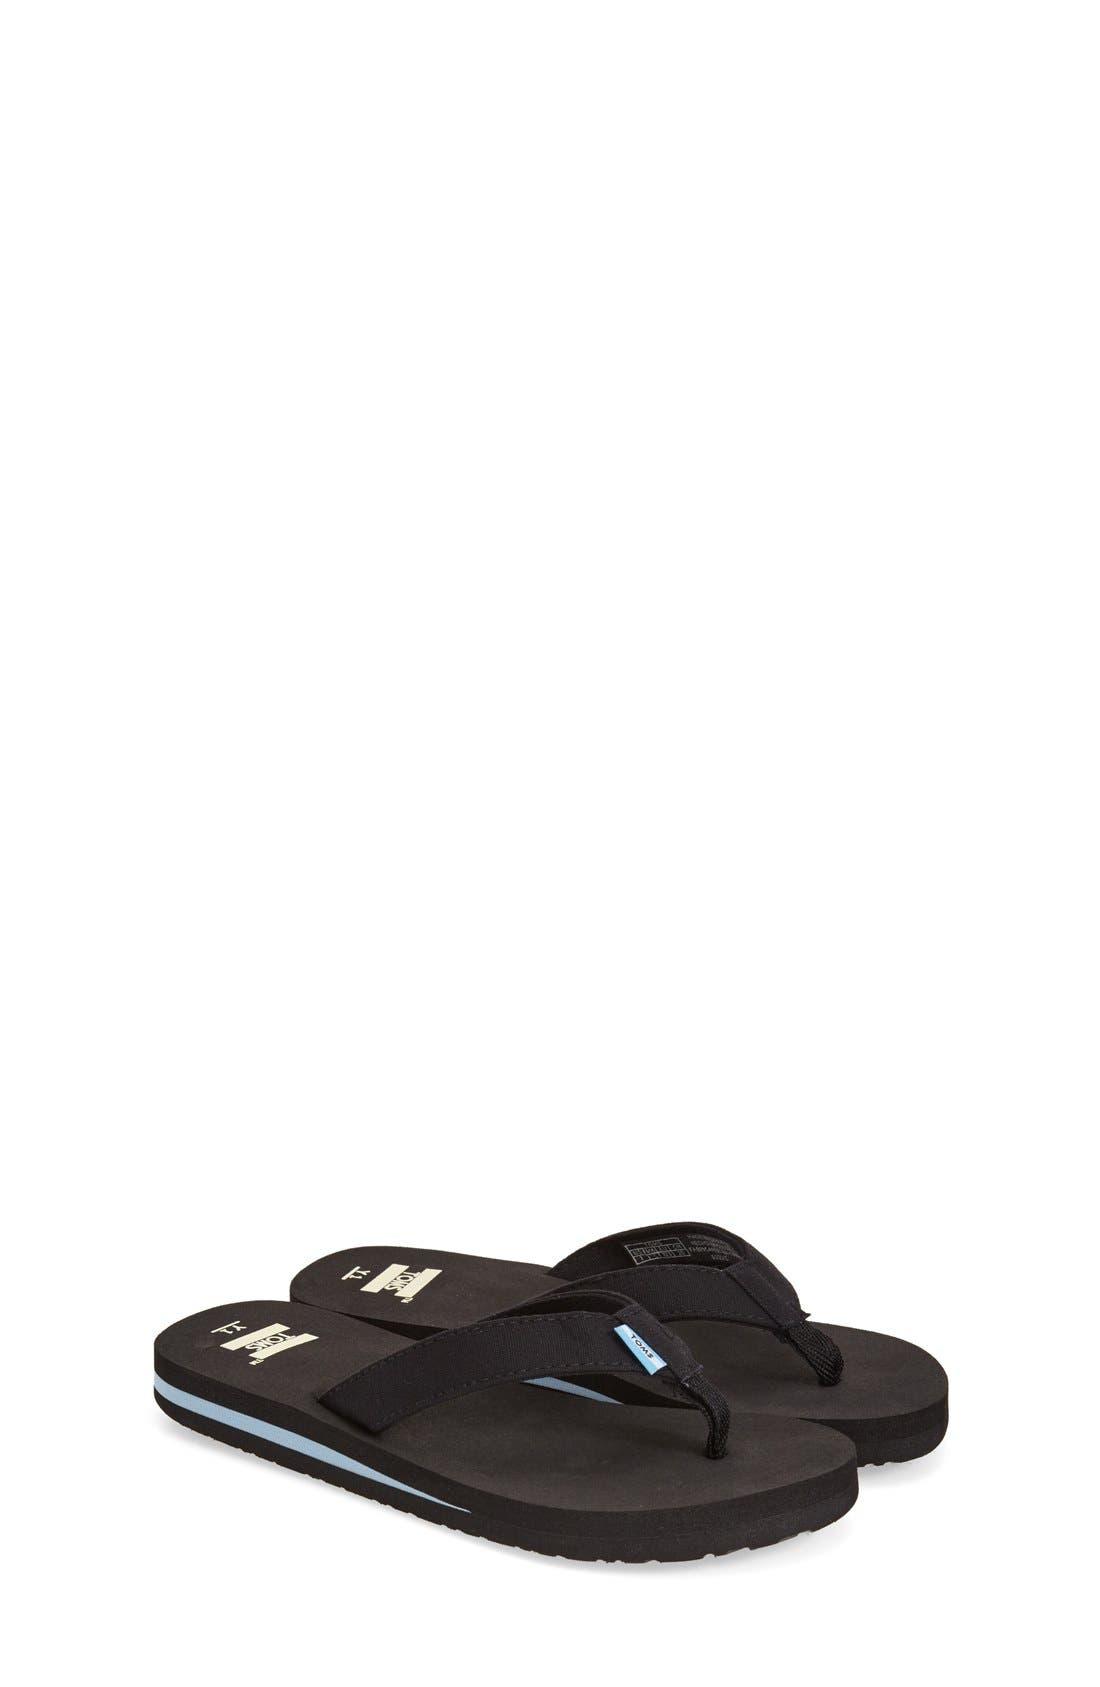 e66936a202d Kids  Black Flip-Flops Shoes